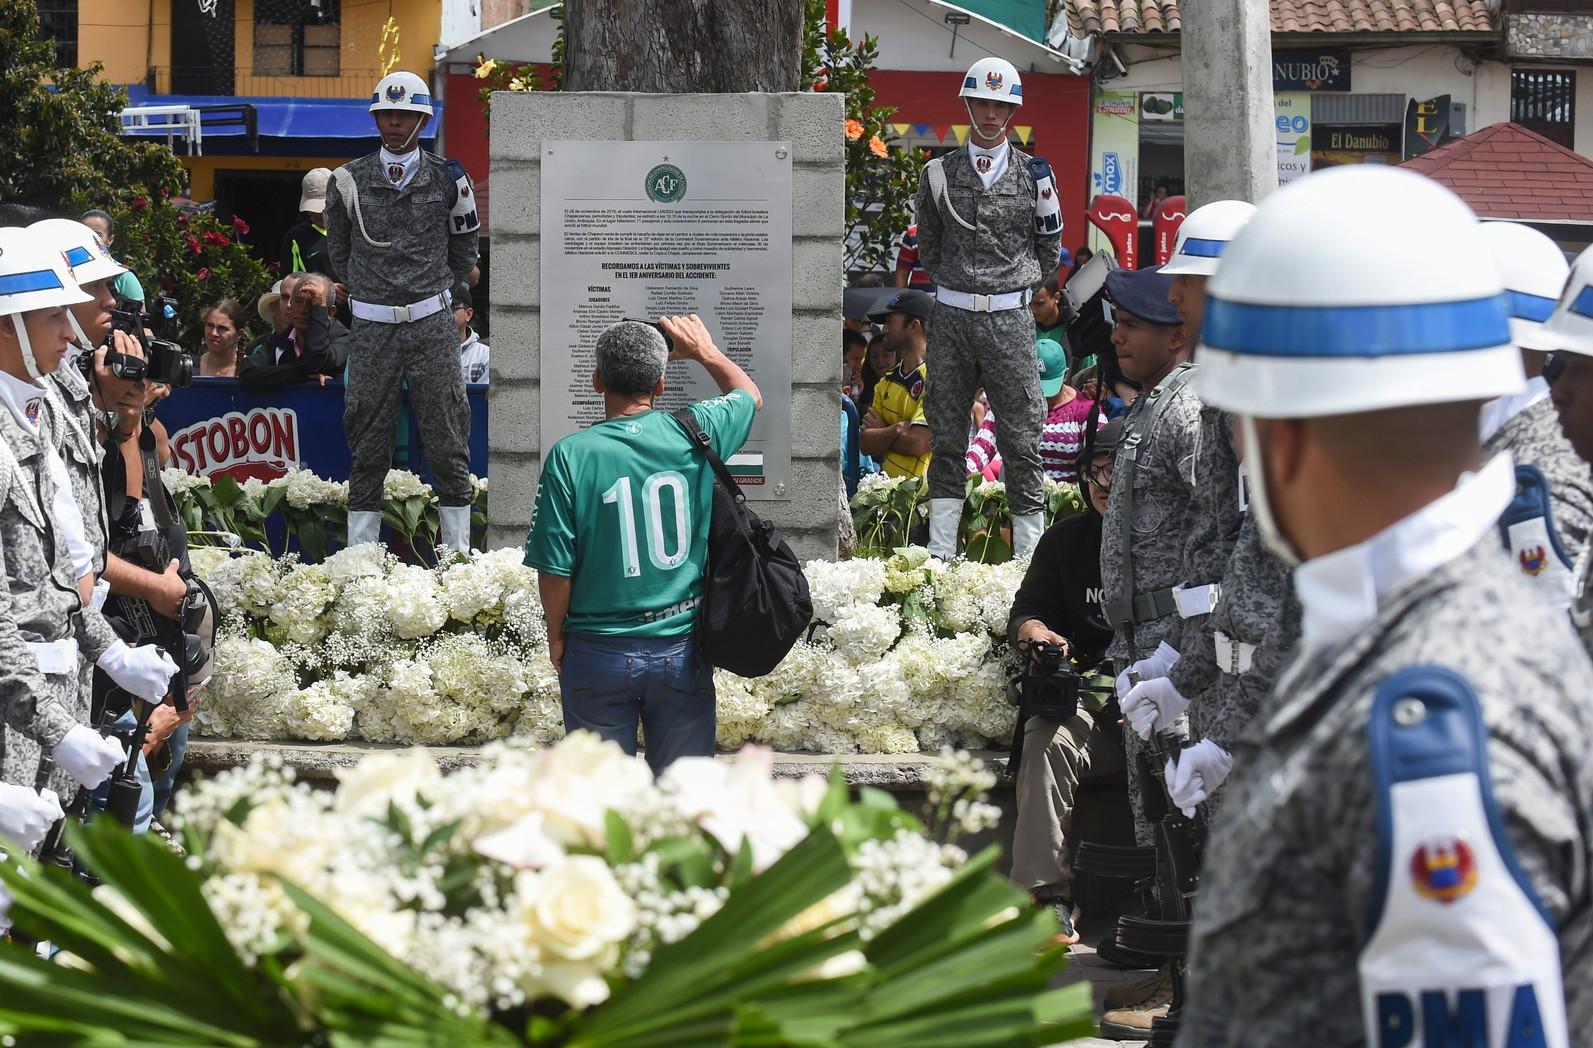 29 novembre 2016: cade l'aereo della squadra di calcio brasiliana della Chapecoense, 71 i morti